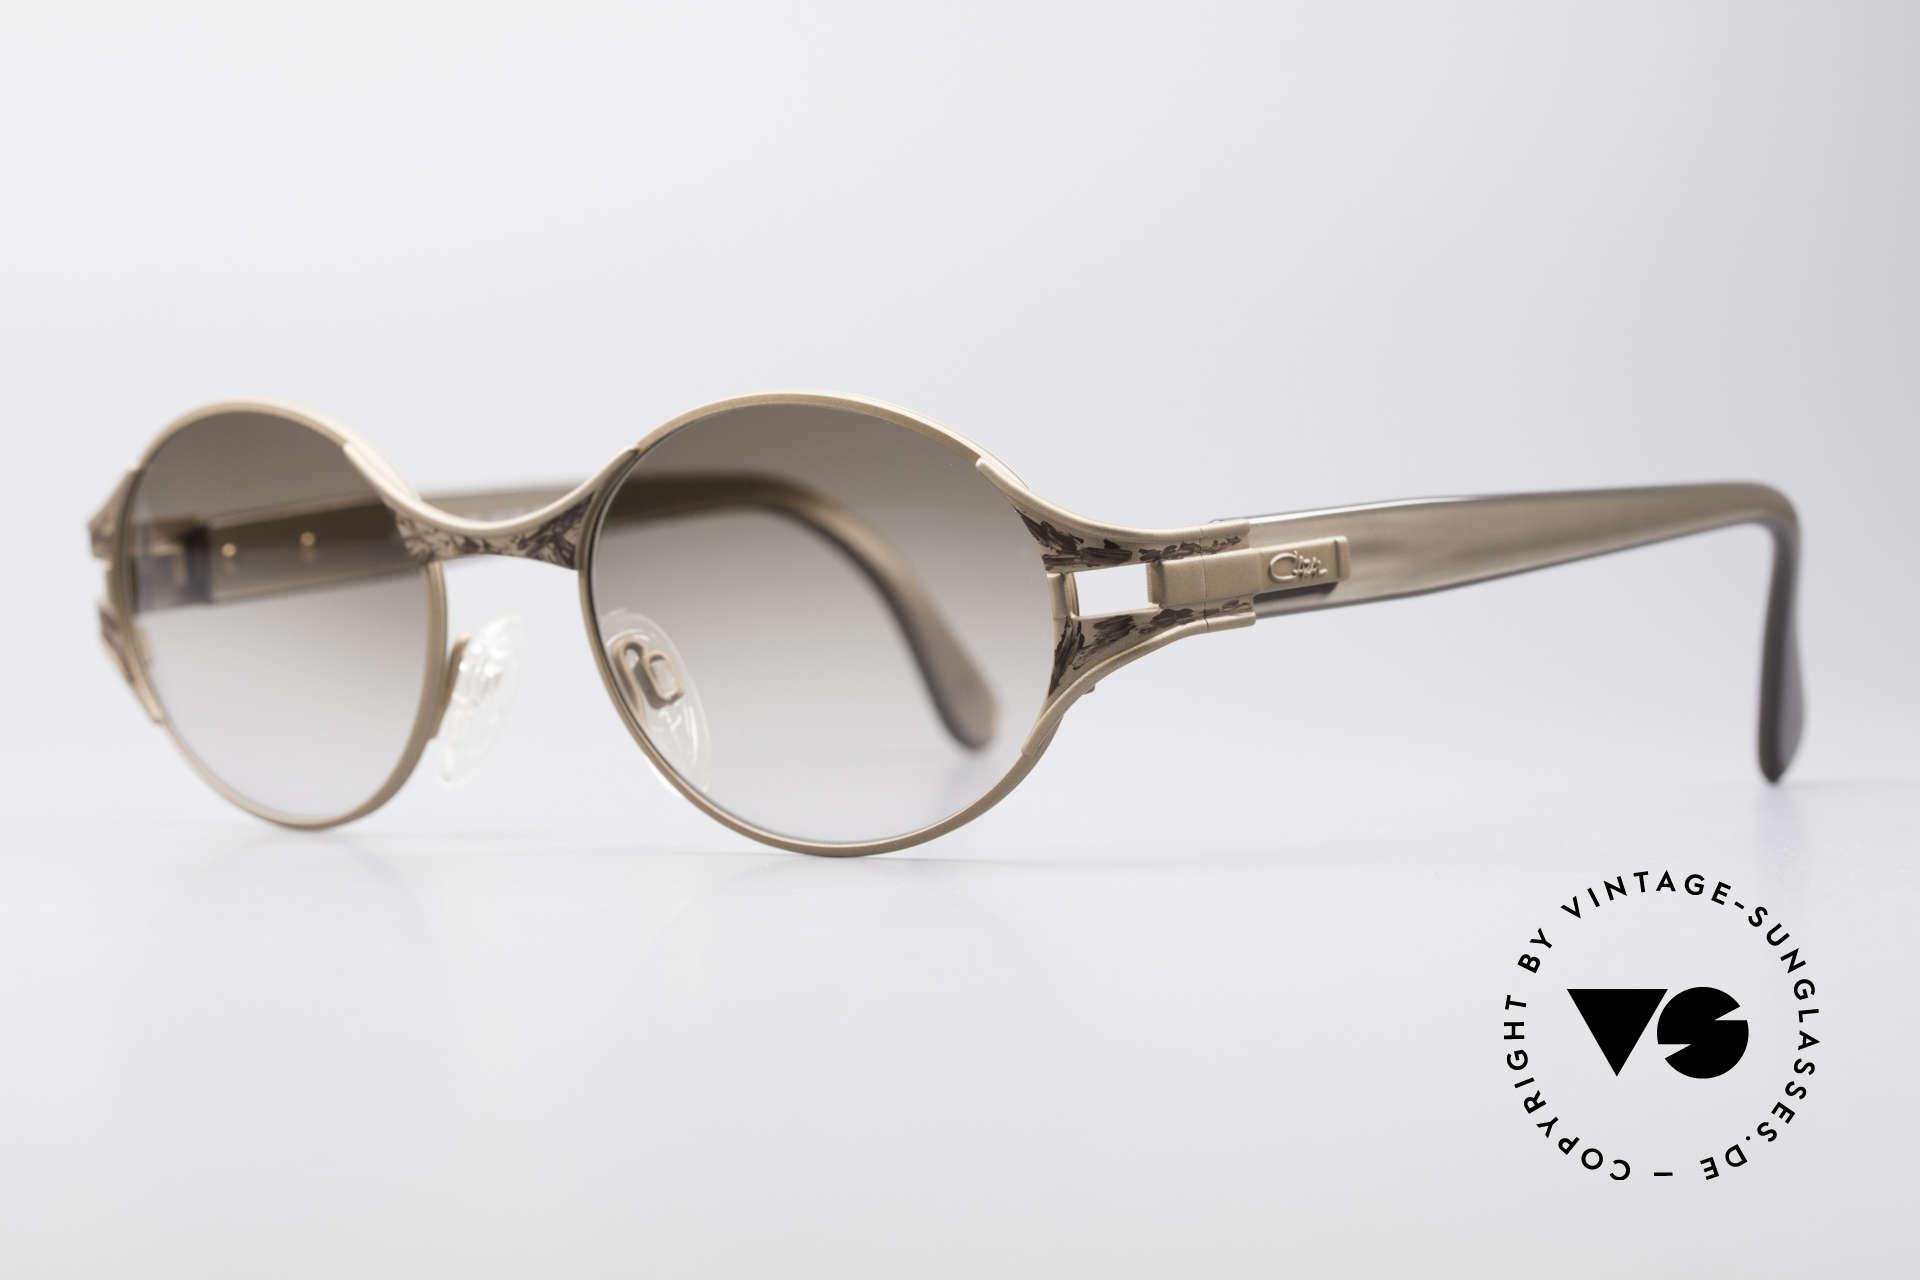 Cazal 281 90er Damen Sonnenbrille Oval, tolles Zusammenspiel diverser Design-Elemente, Passend für Damen